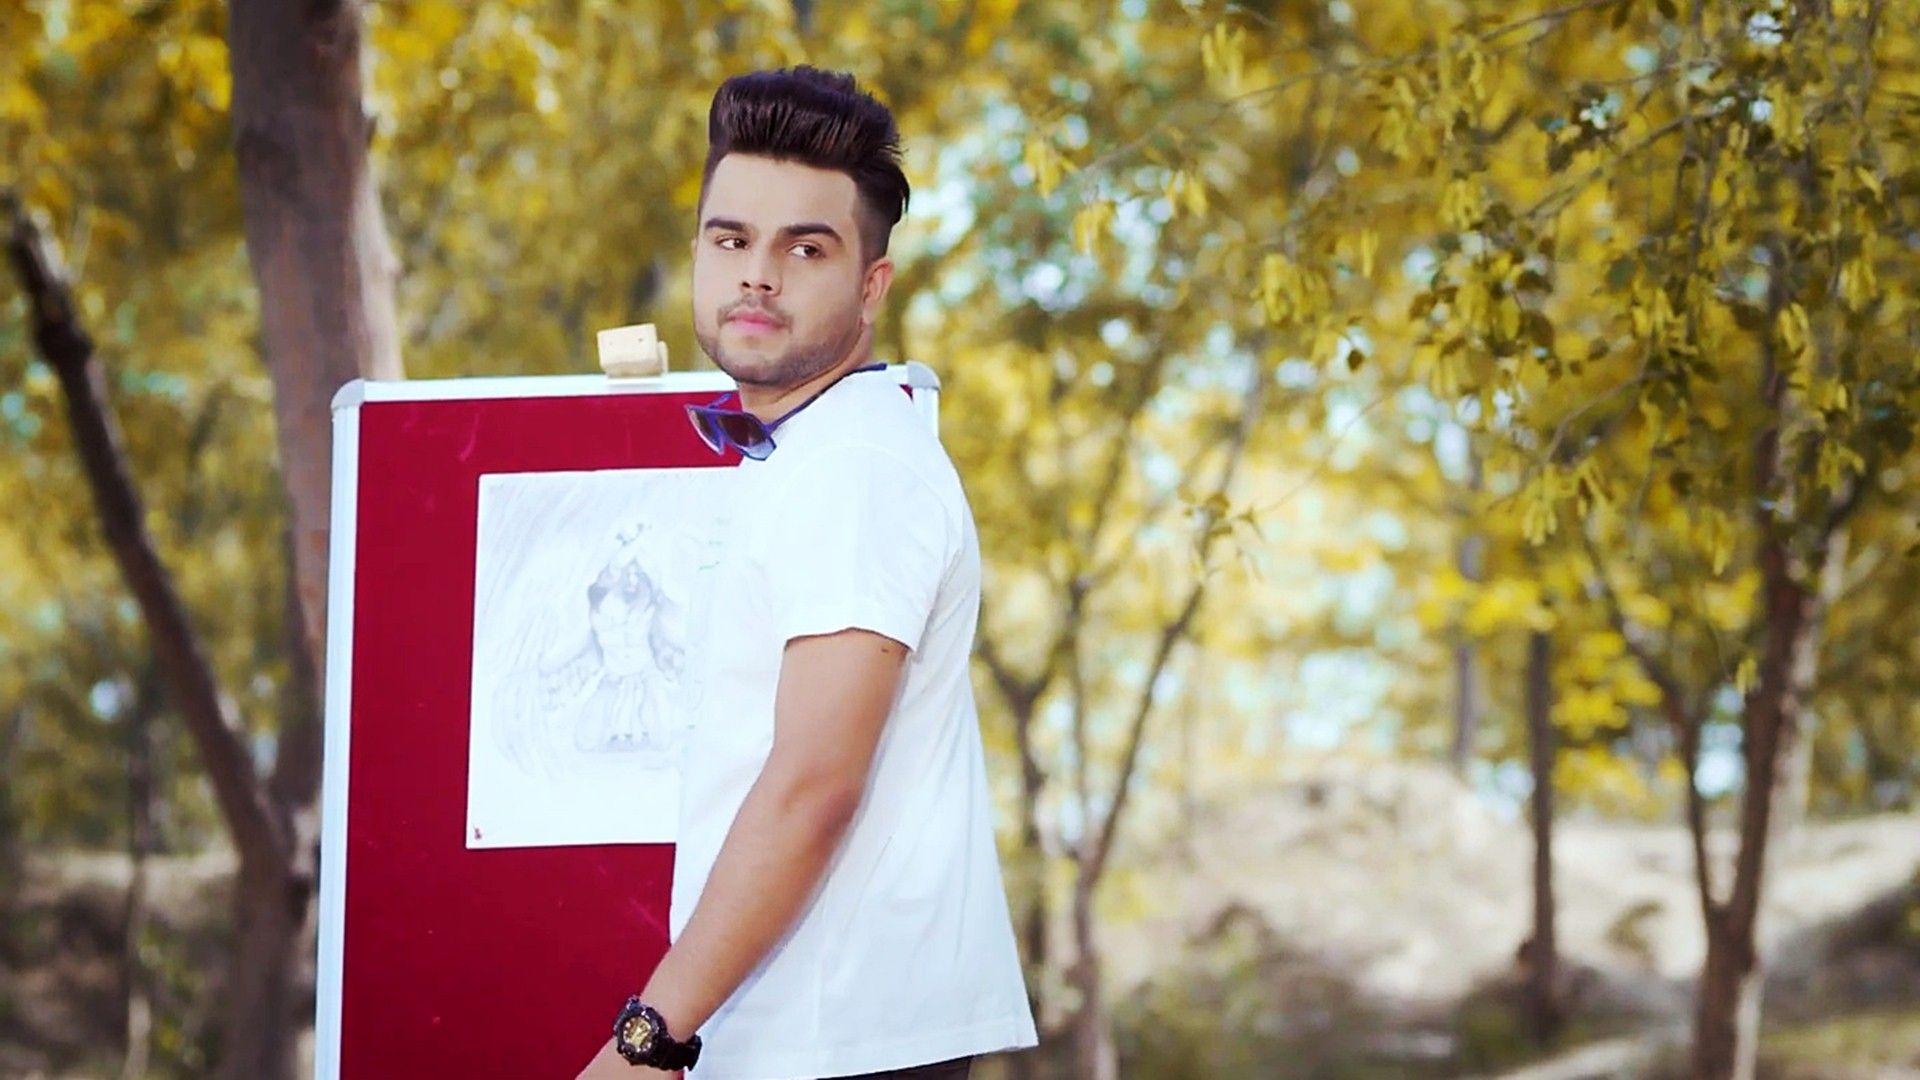 Punjabi Singer Akhil Latest Hd Wallpaper Images Sonu